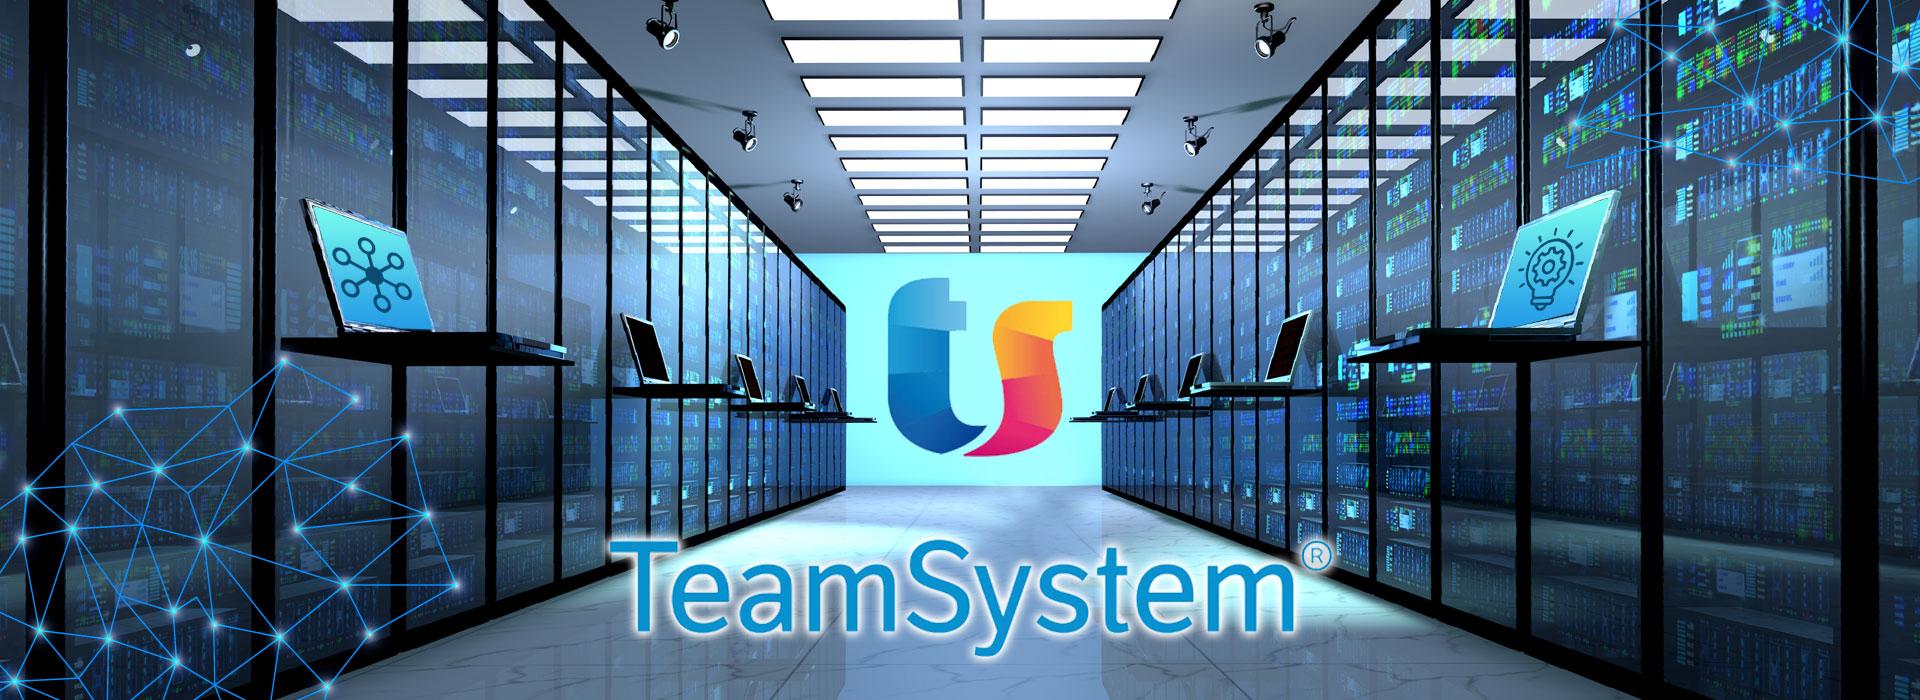 I-TeamSystem